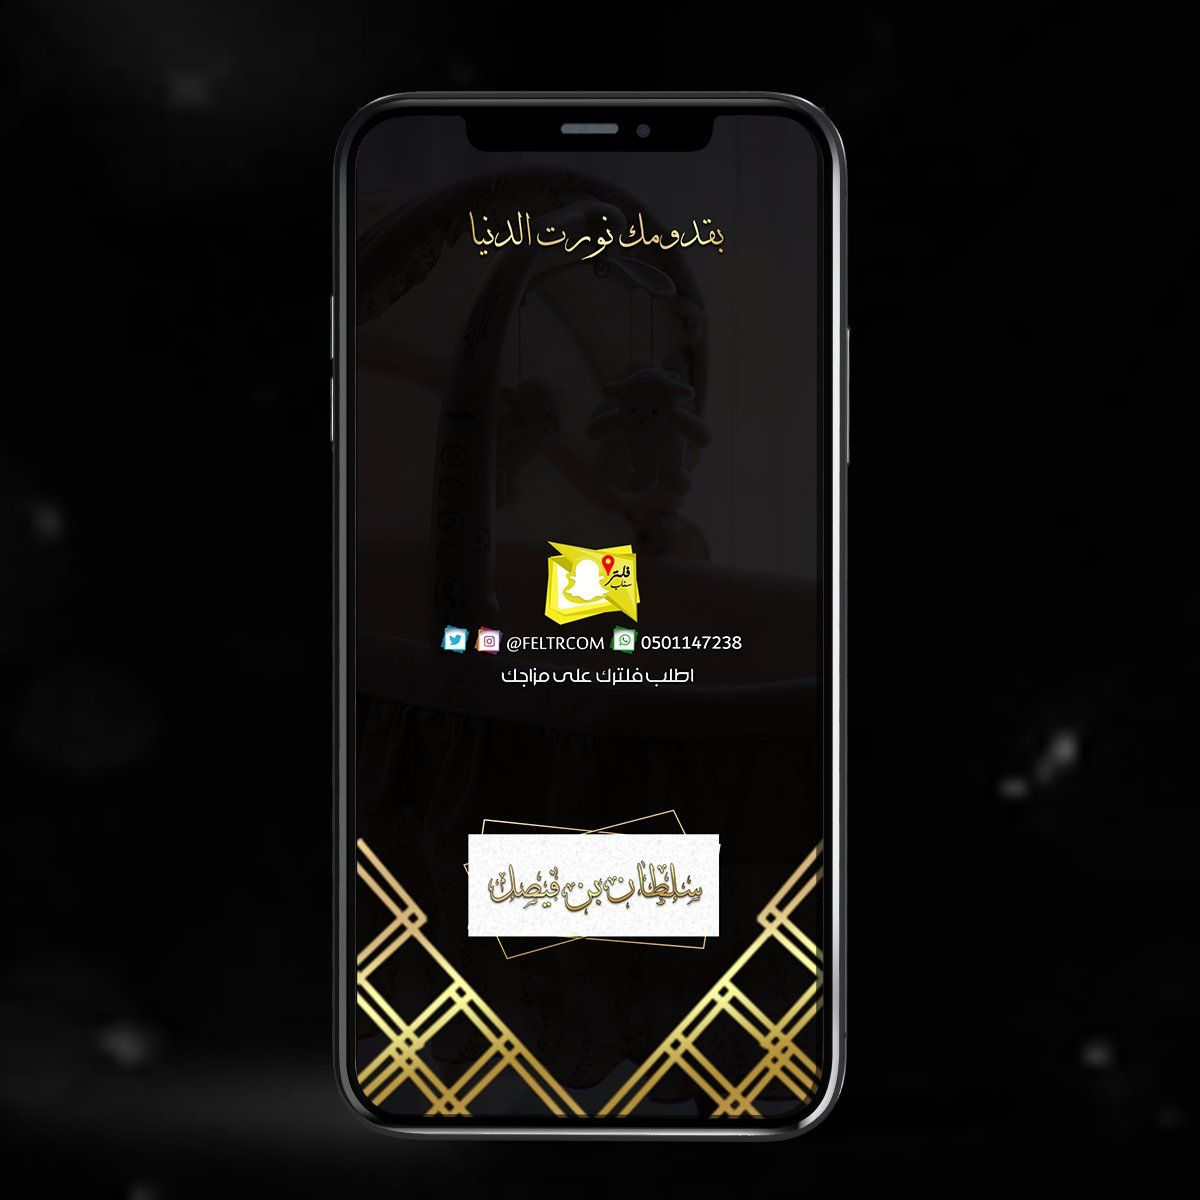 فلتر سناب Filter Snap Feltrcom تويتر Galaxy Phone Samsung Galaxy Phone Galaxy